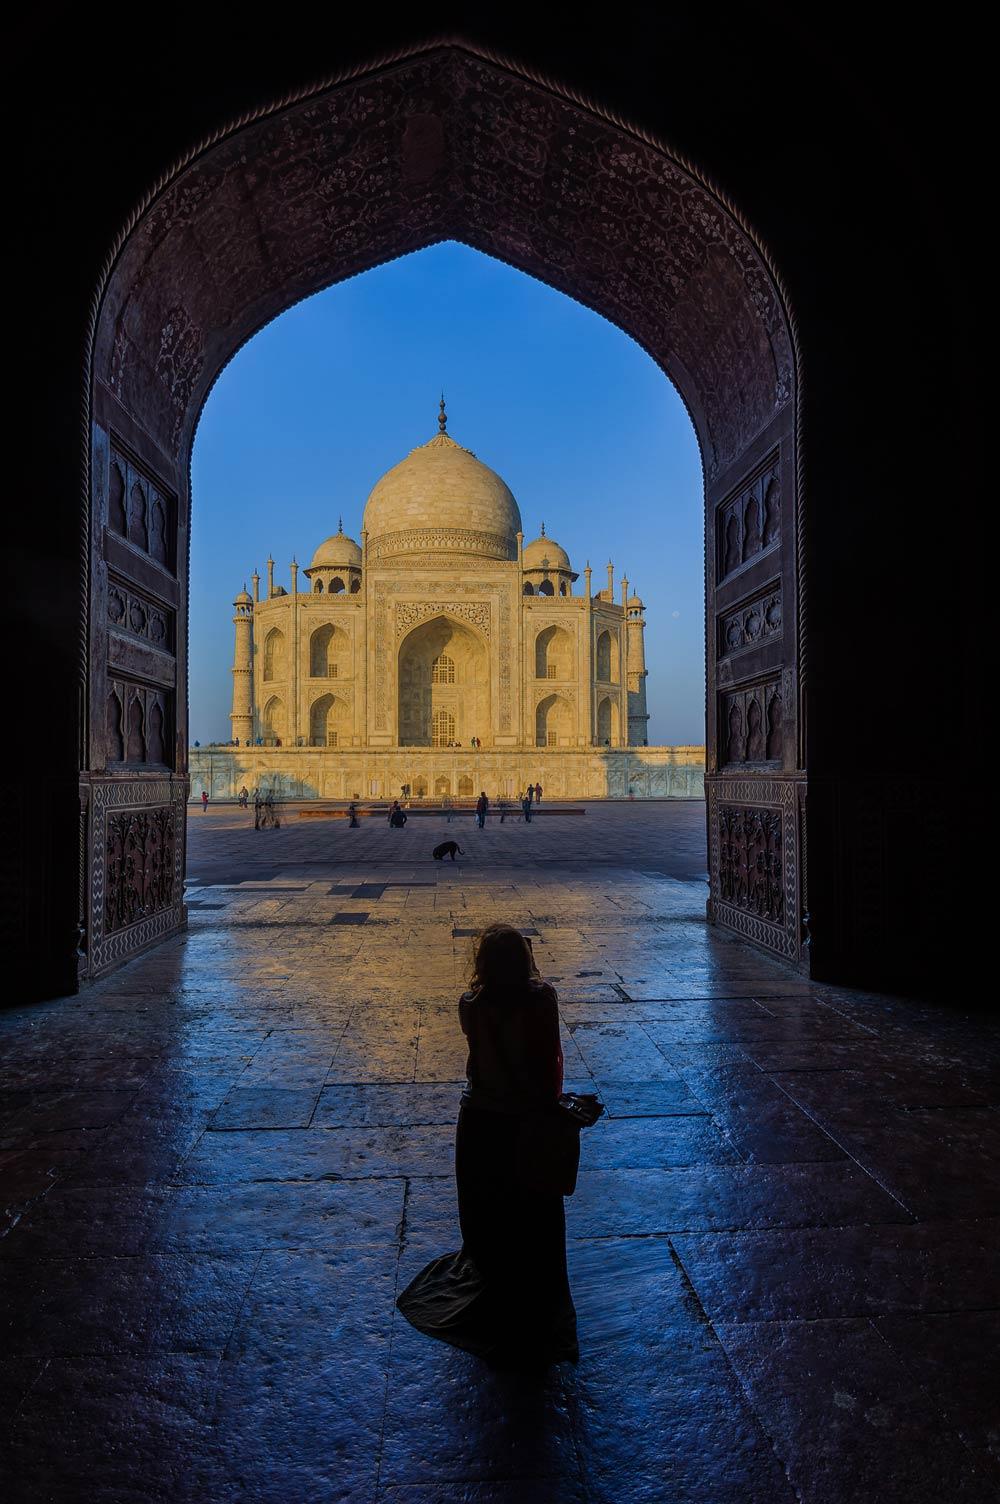 India-agra-taj-mahal-west-view-copyright-lewis-kemper.jpg